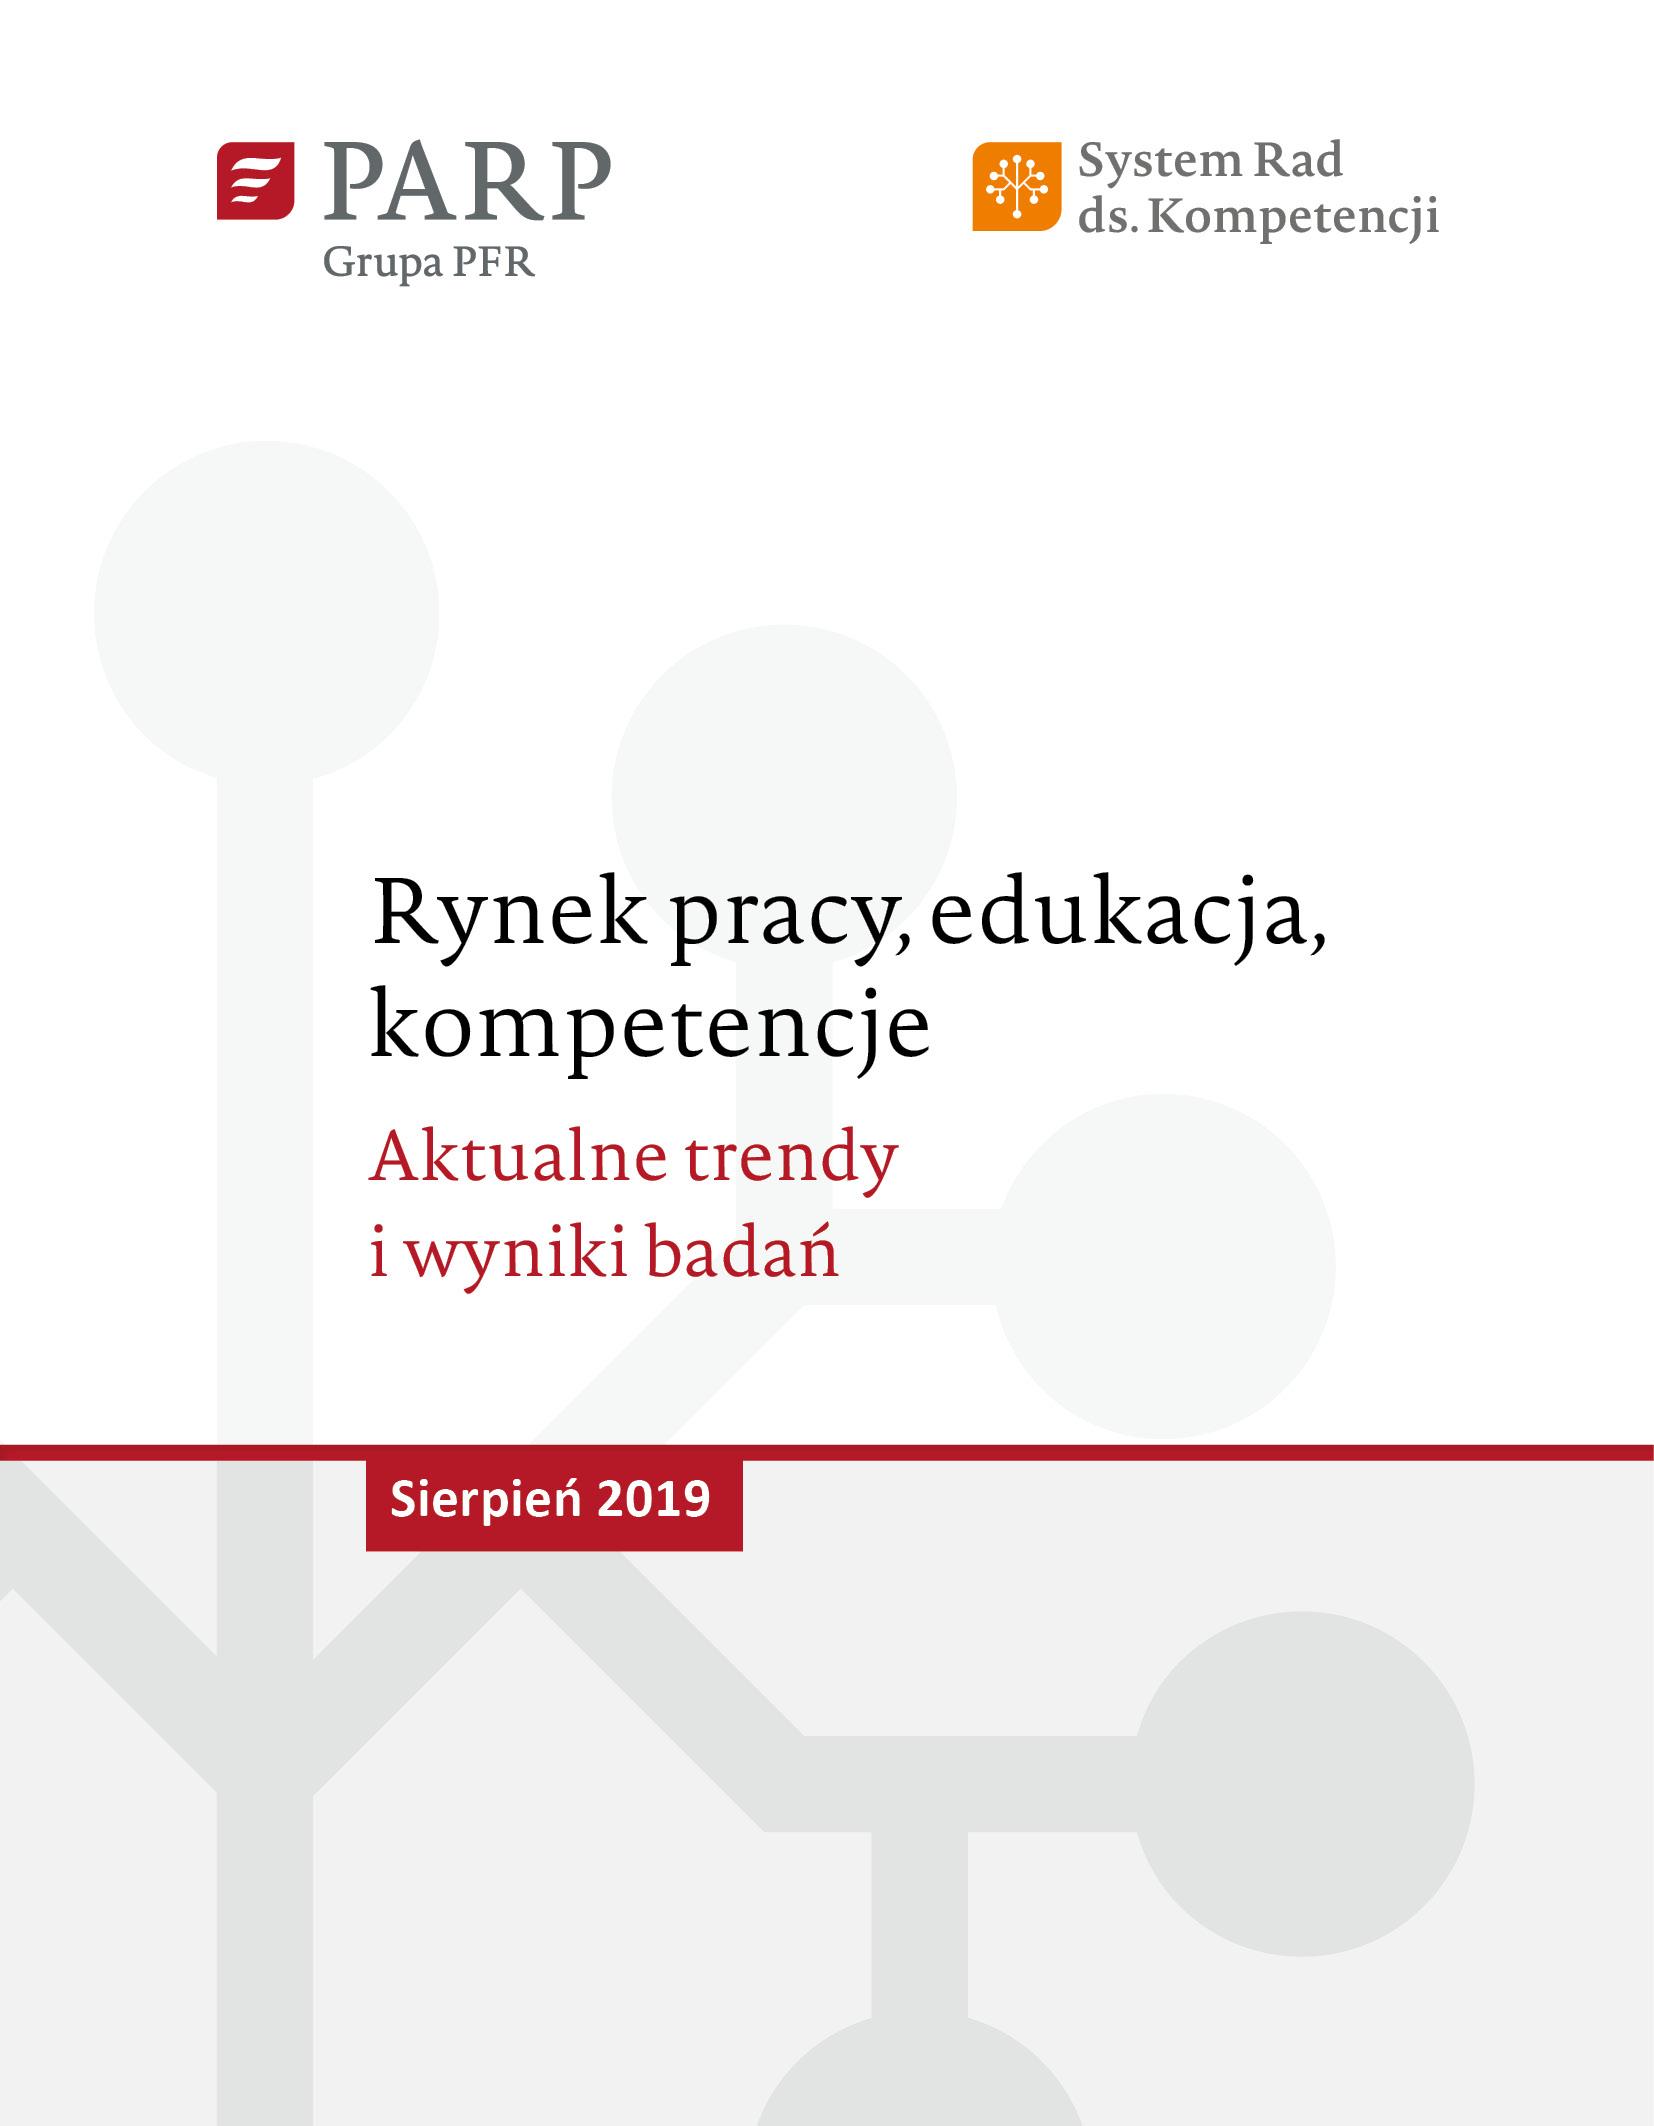 Rynek pracy, edukacja, kompetencje - sierpień 2019